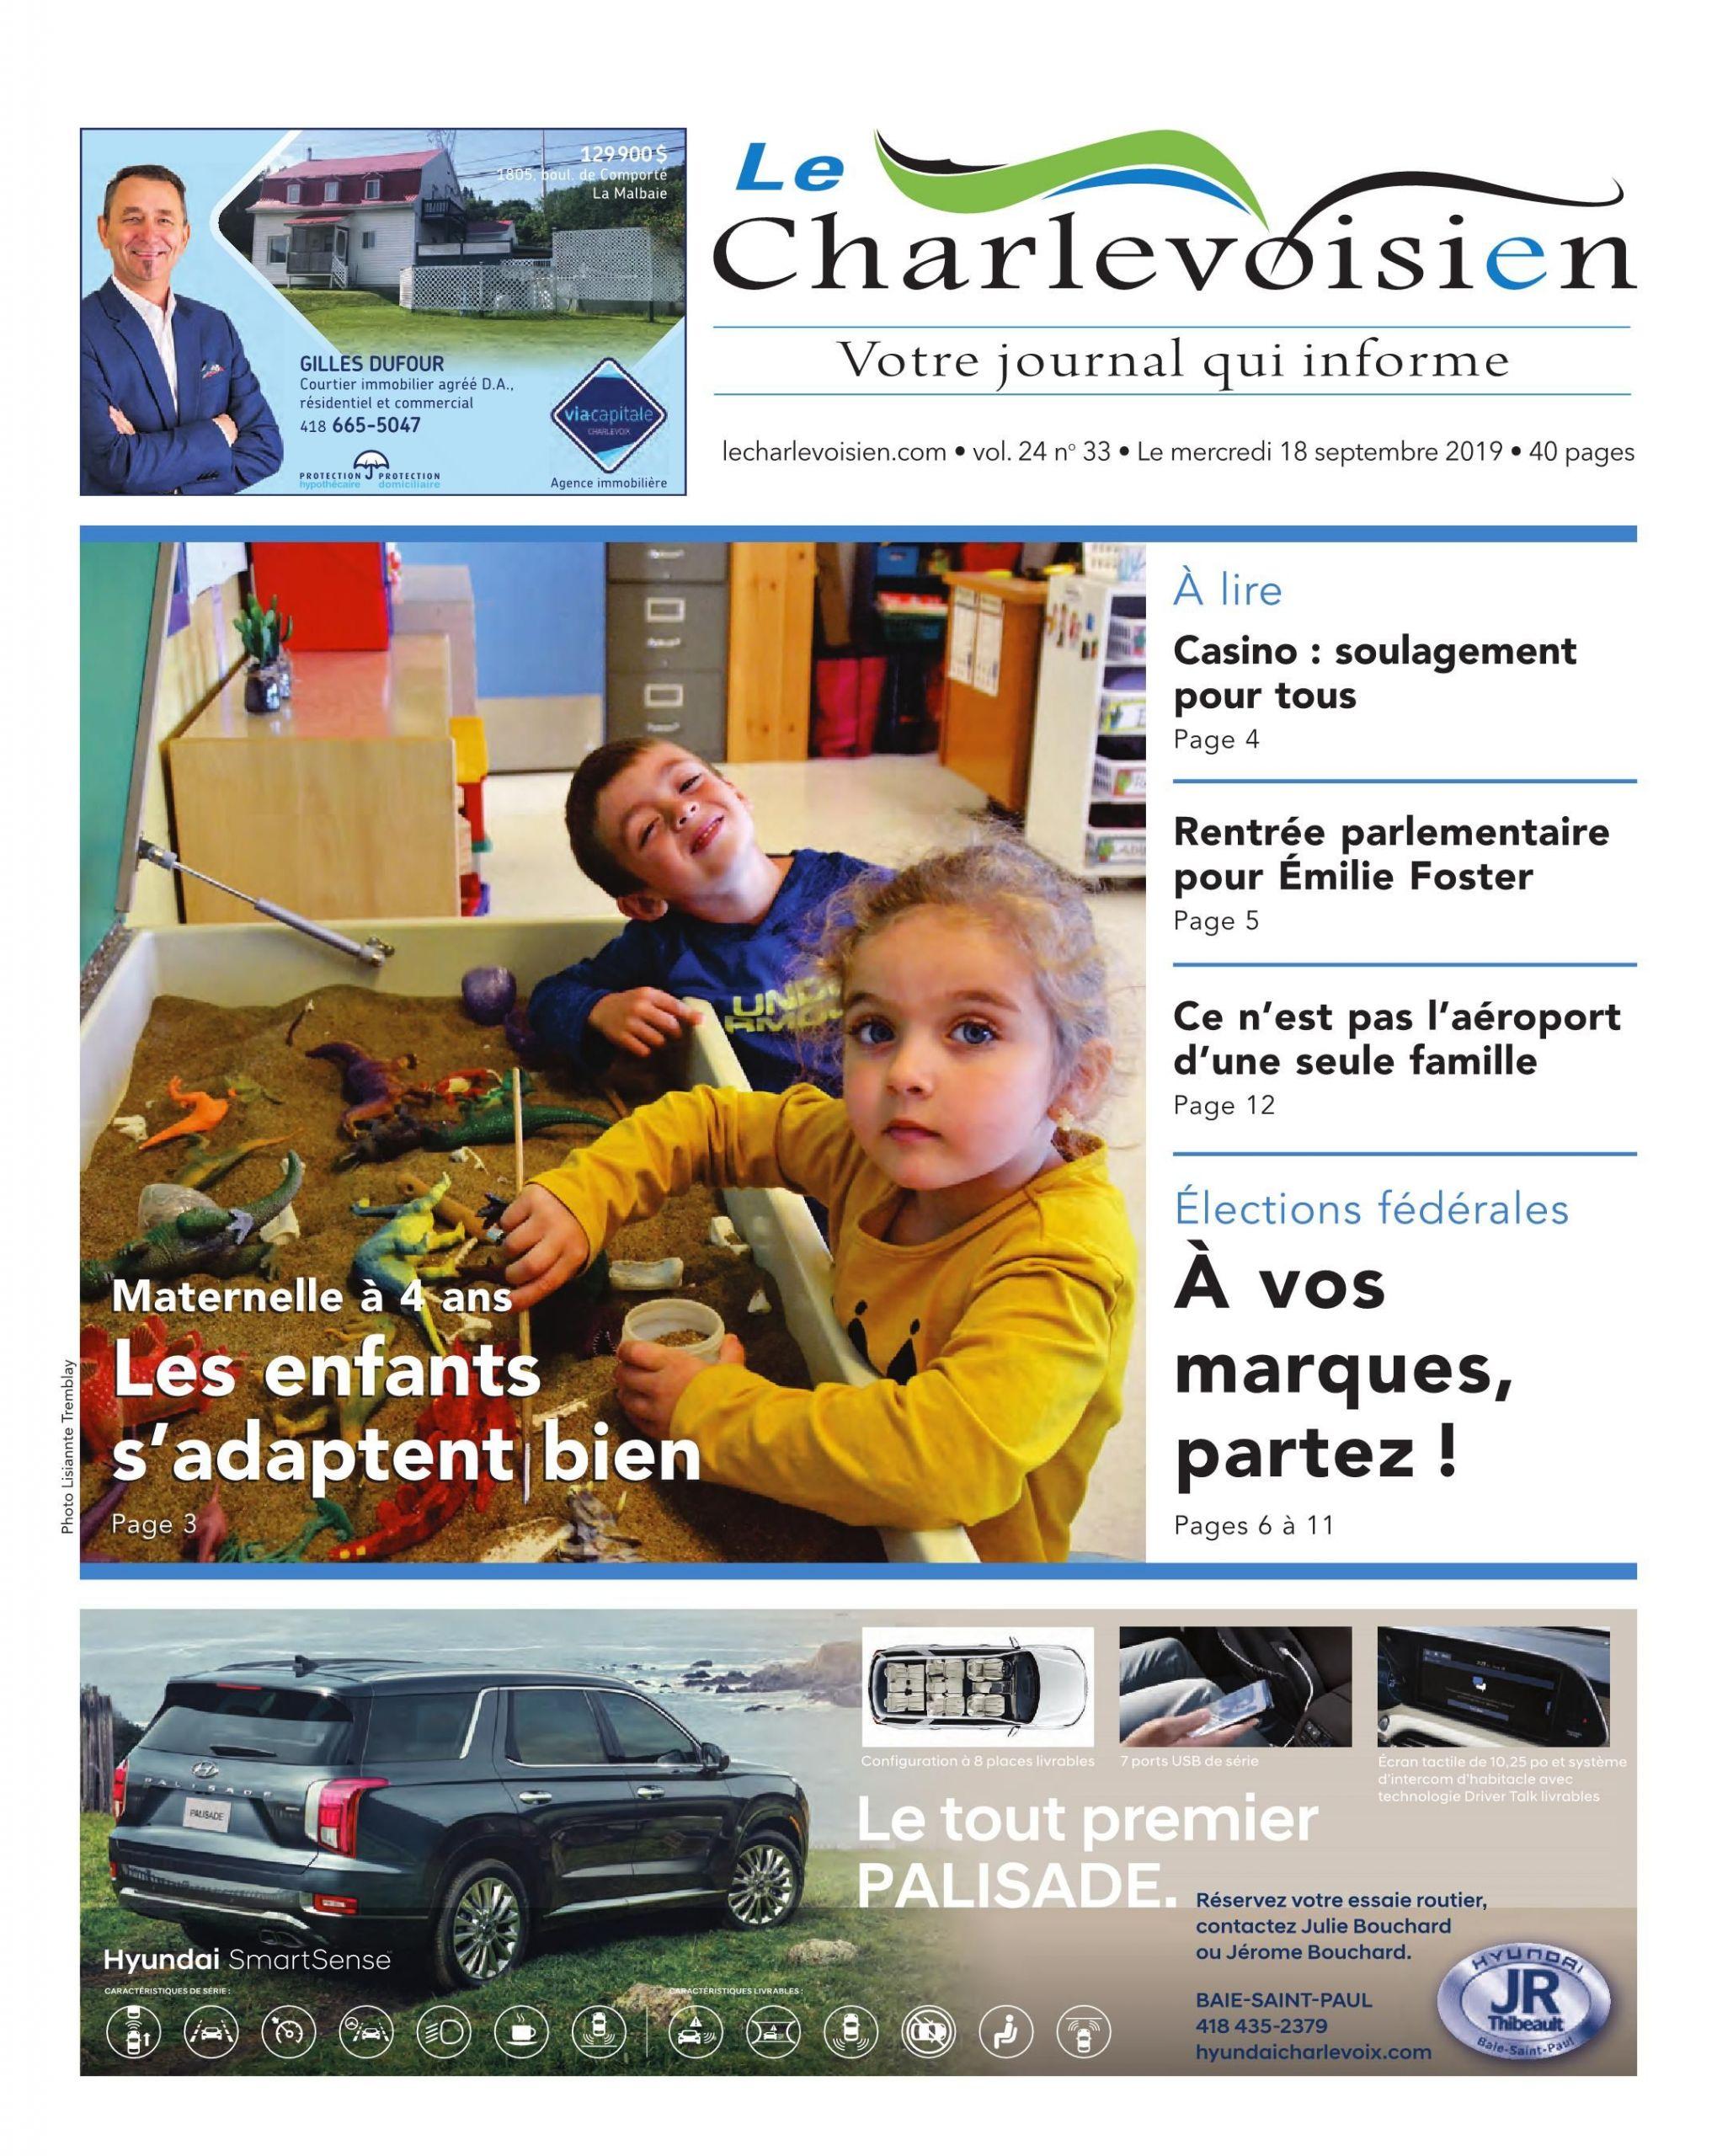 Cherche Personne Pour Travaux Jardin Beau Le Charlevoisien 18 Septembre 2019 Pages 1 40 Text Of 66 Beau Cherche Personne Pour Travaux Jardin